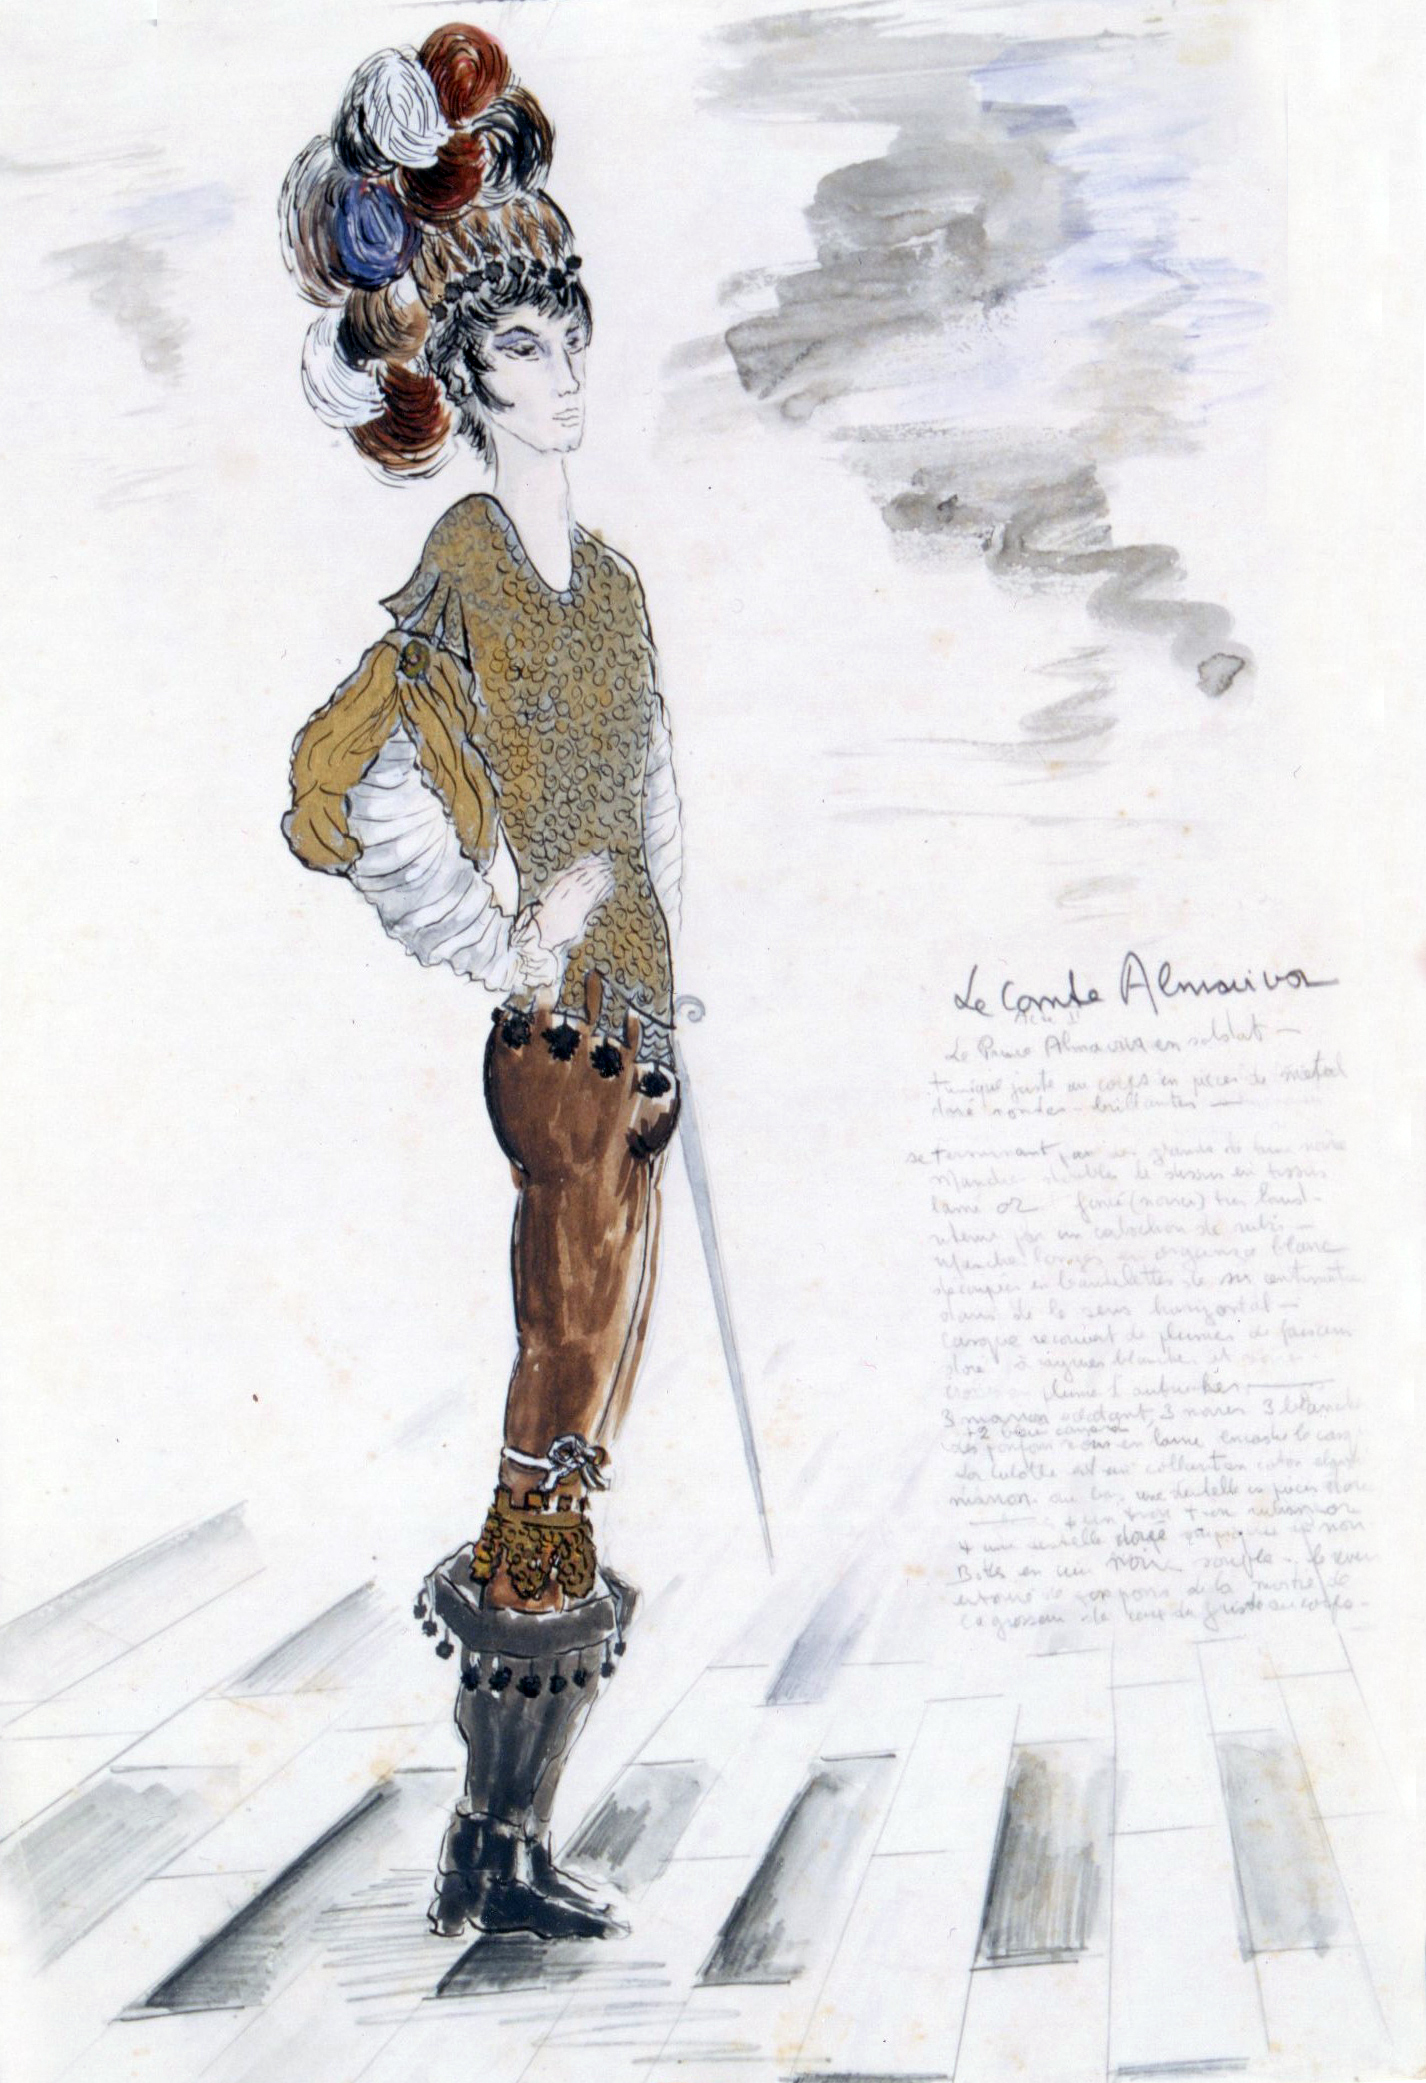 Comte Almaviva